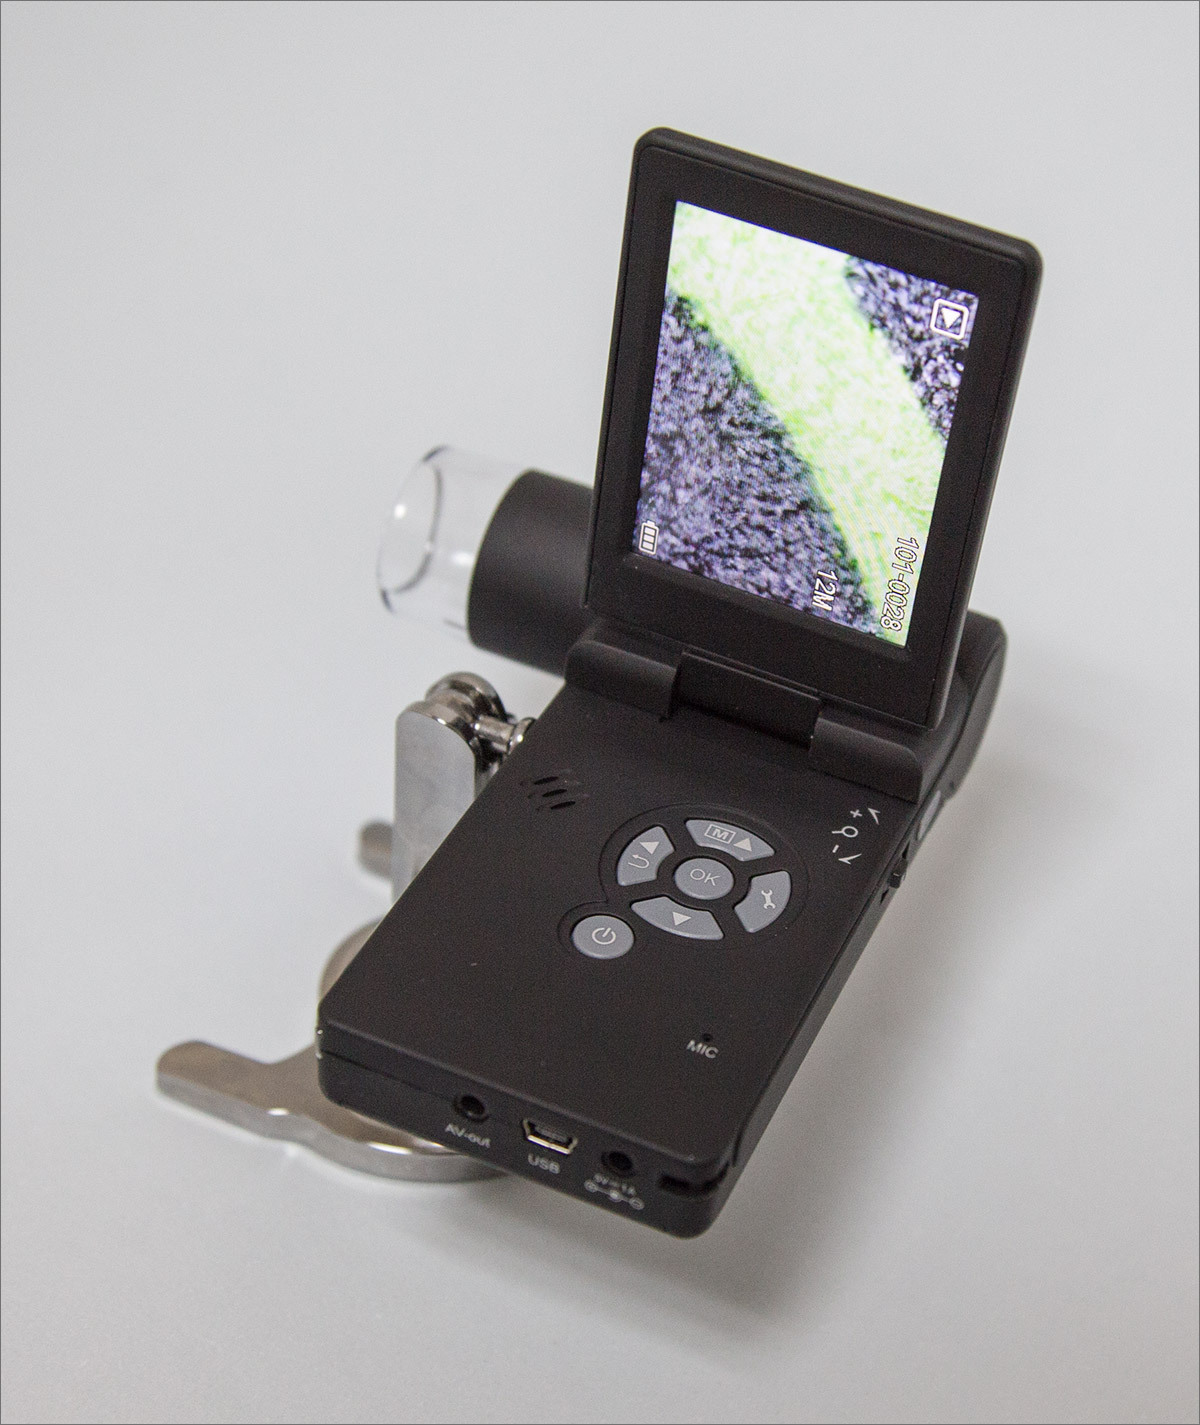 Портативный микроскоп на службе у гика - 1